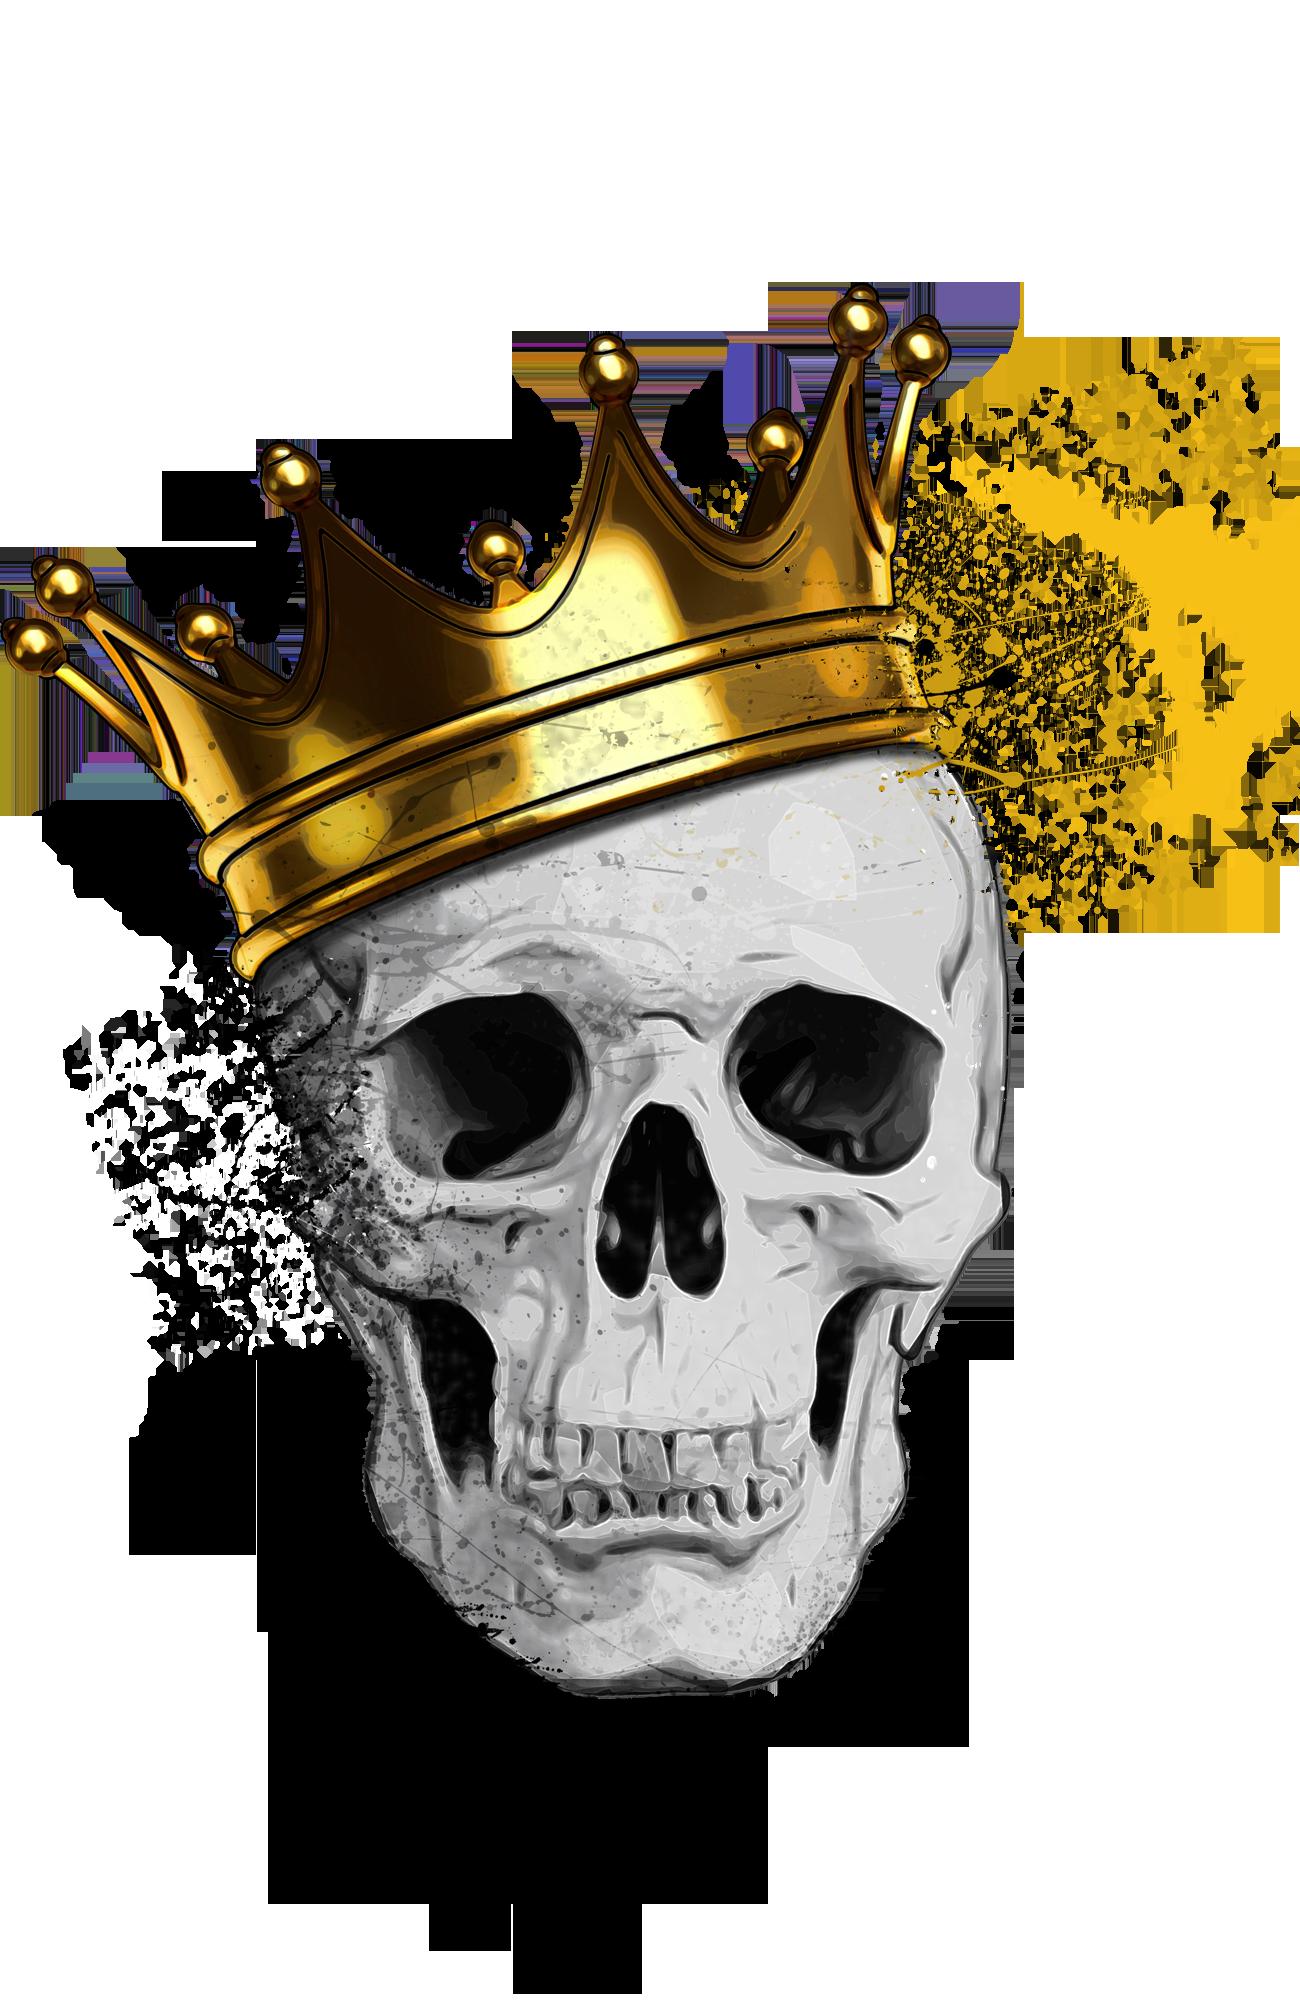 Halloween Bling Award